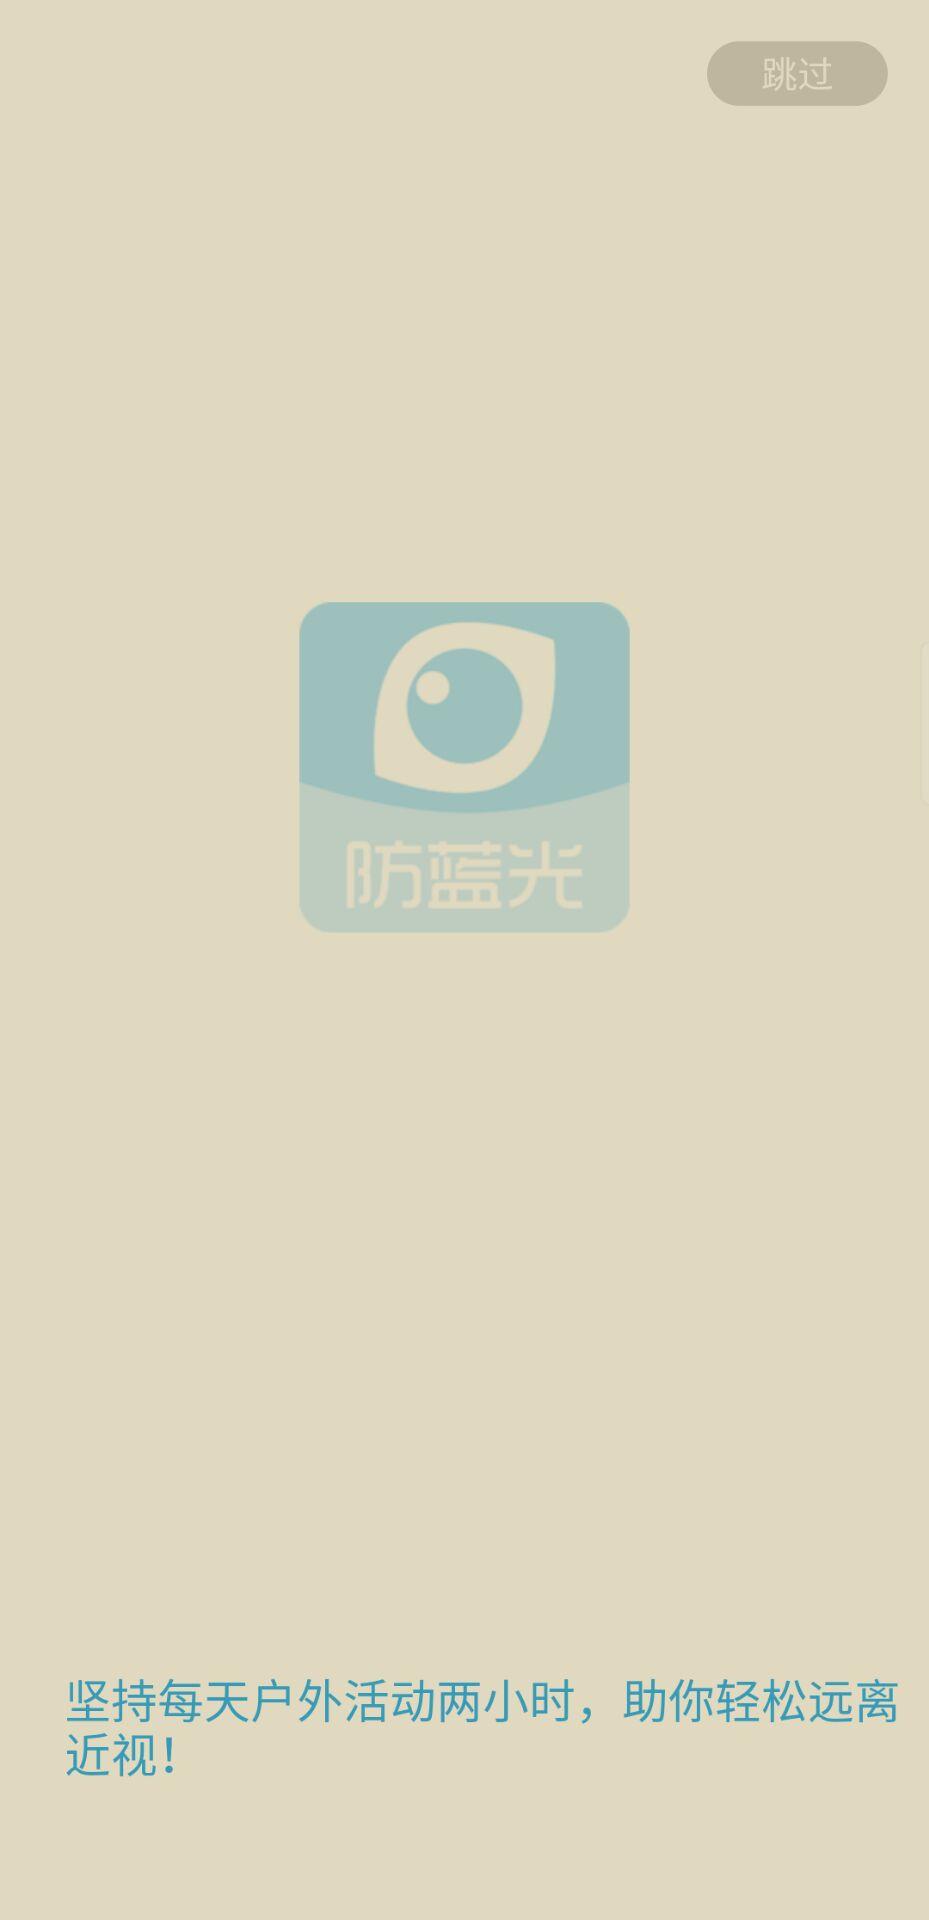 【资源分享】护眼宝V9.5去广告版 保护眼睛从这里开始!